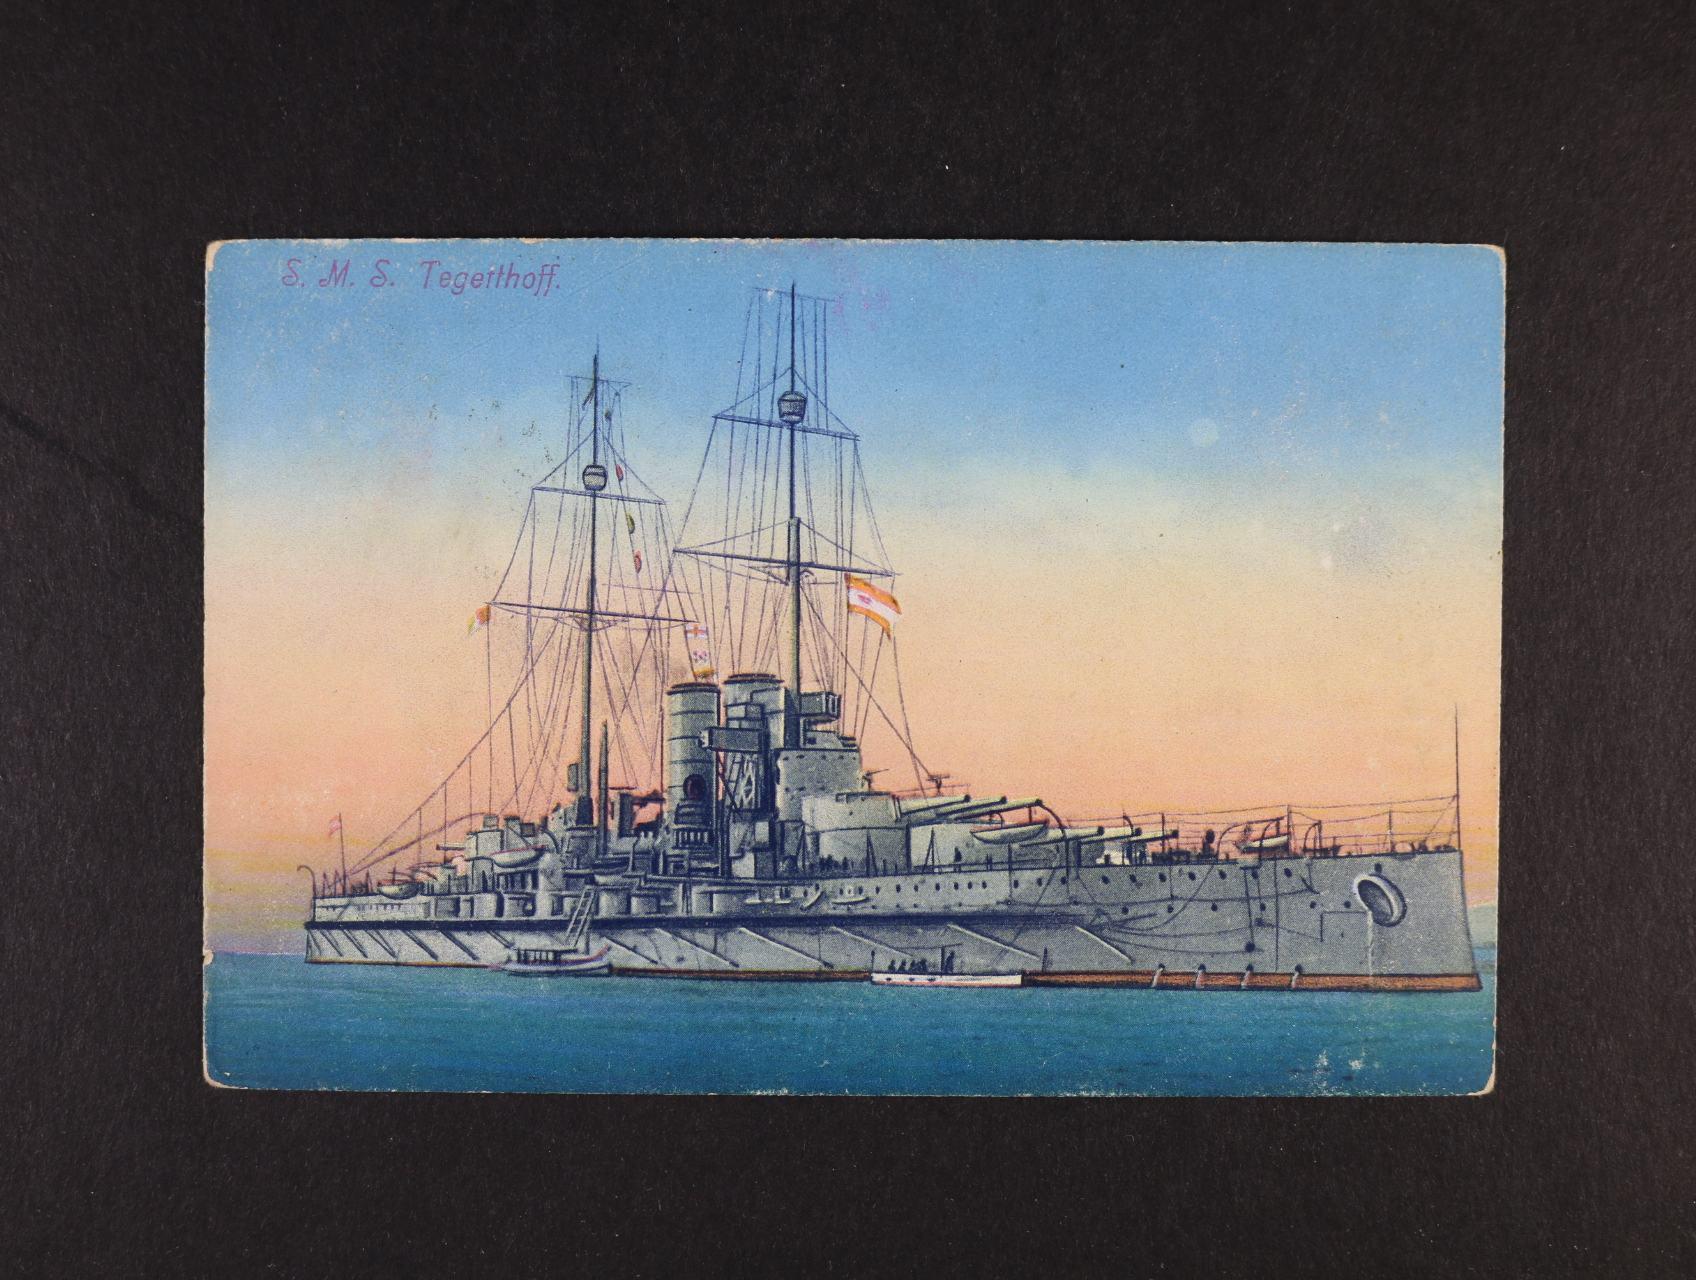 Lodě - bar. pohlednice S.M.S. TEGETTHOFF, použitá 1916